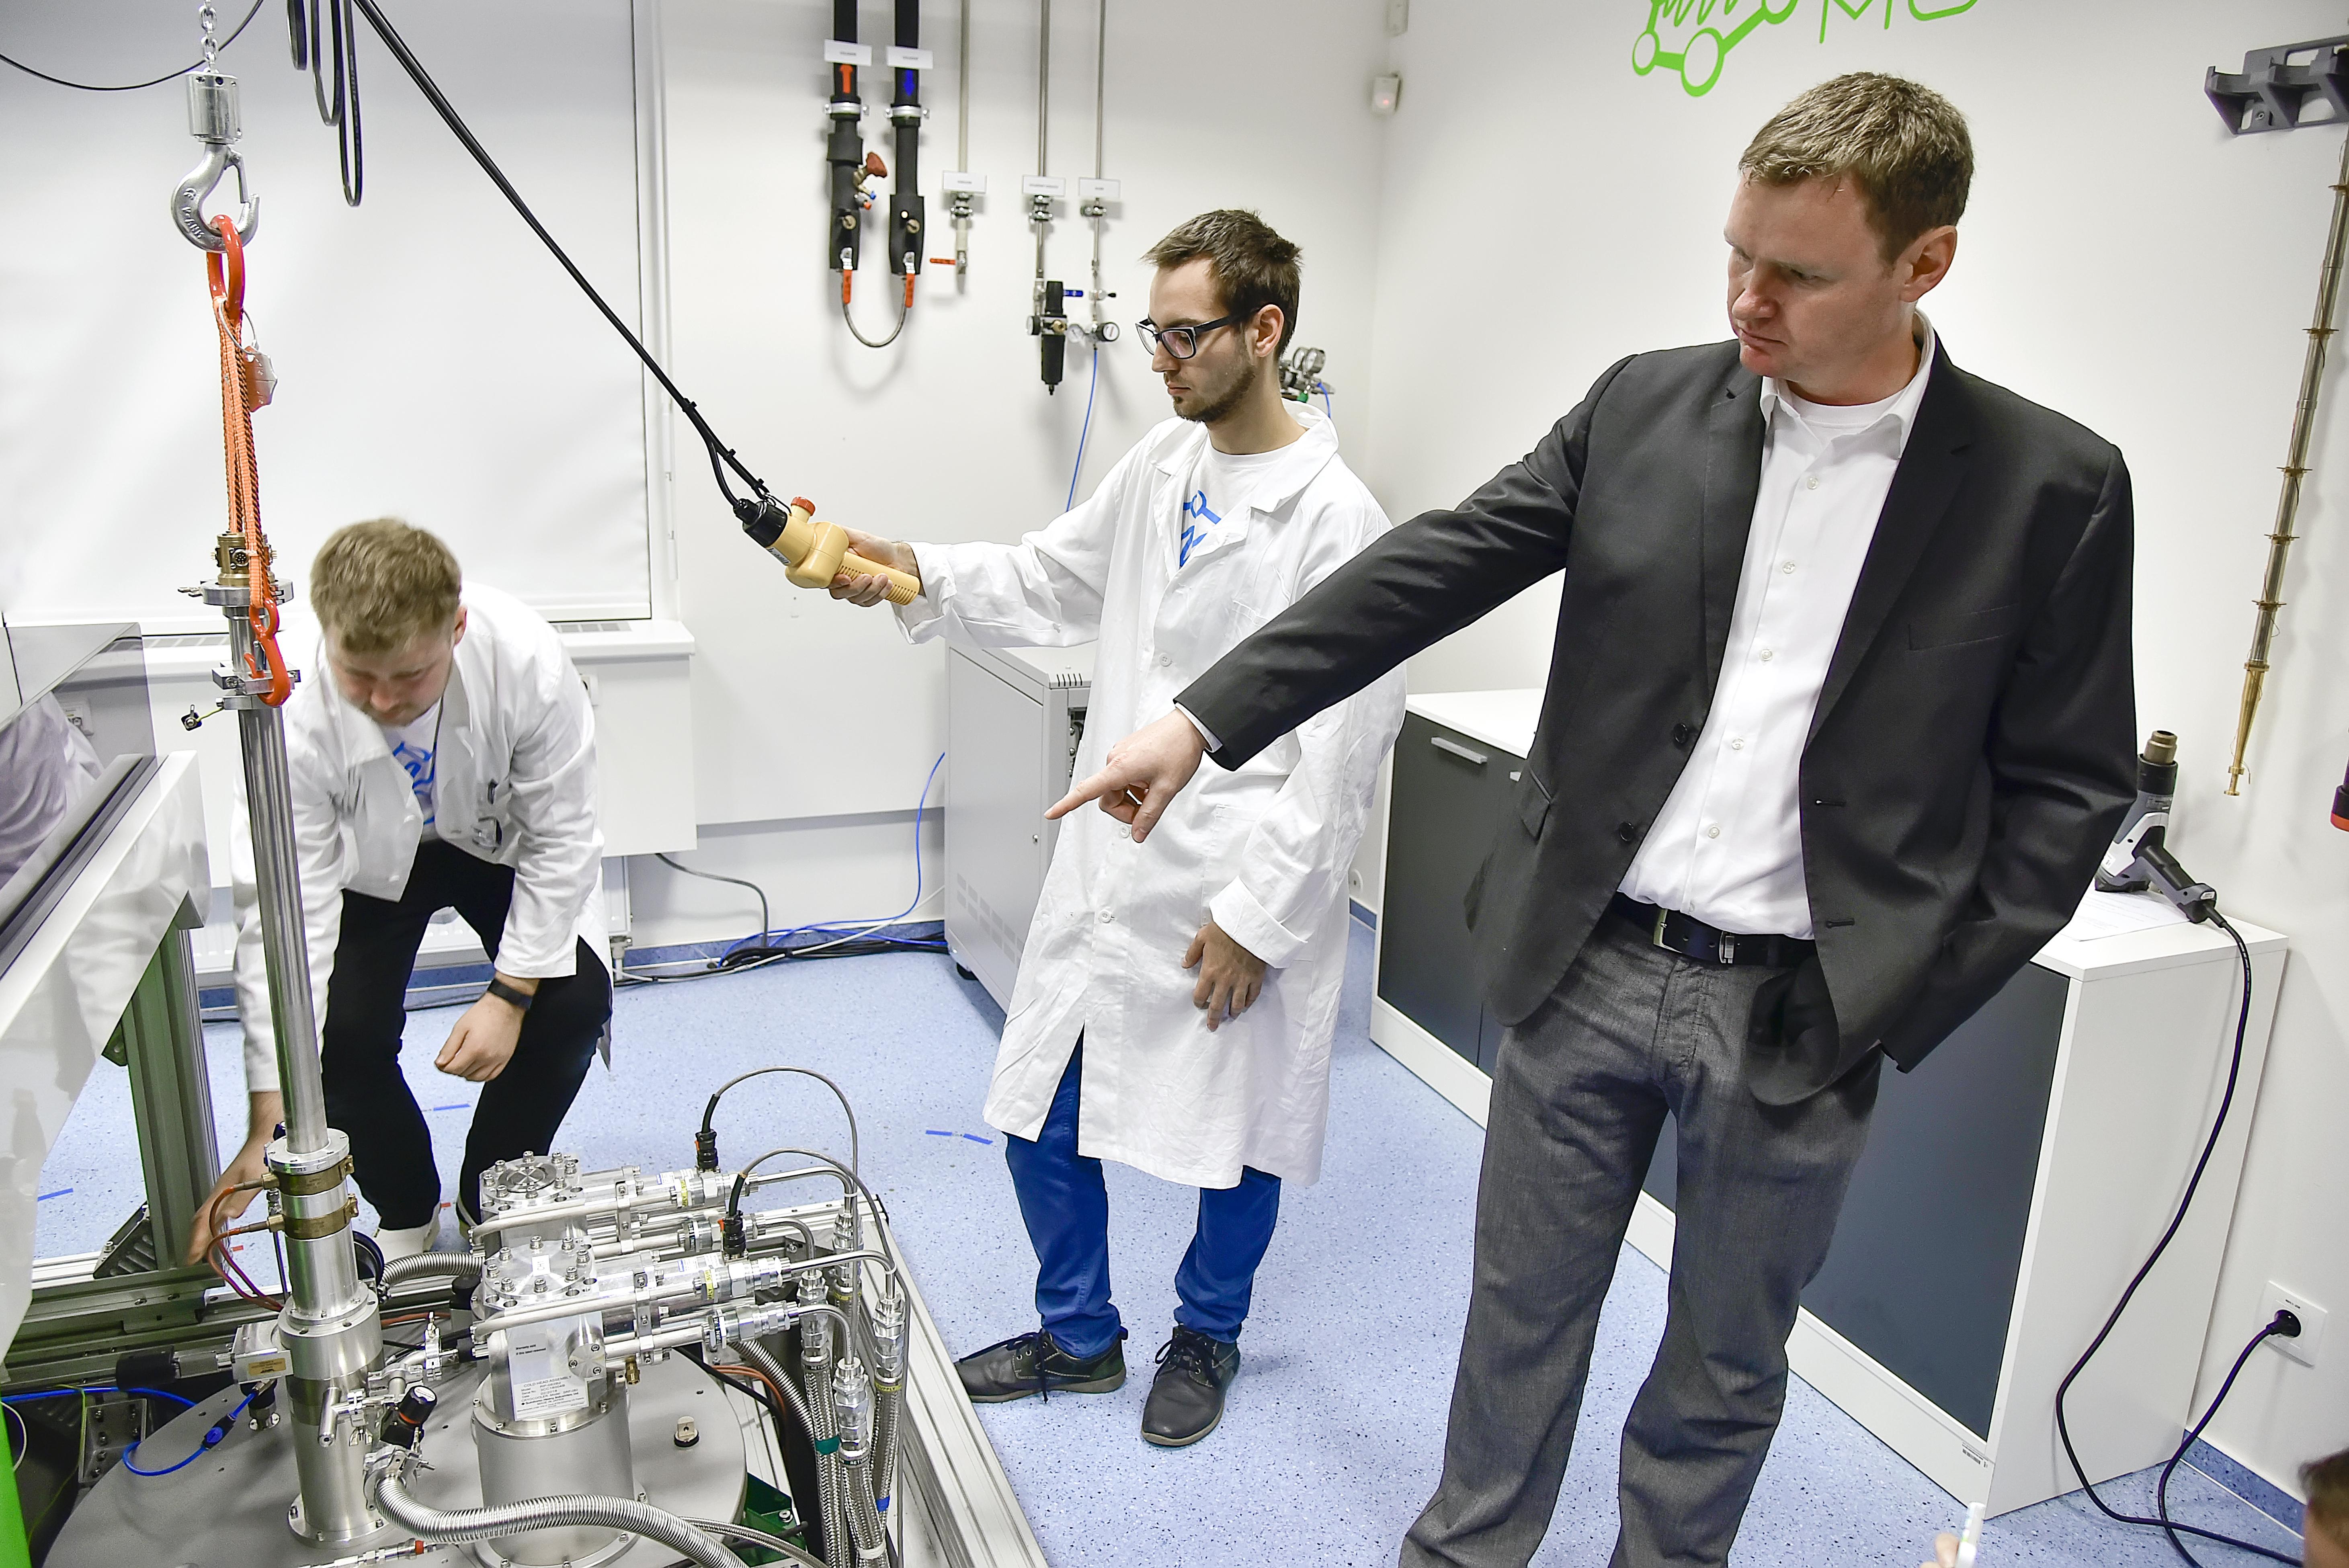 CEITEC/Igor Šefr: Petr Neugebauer Pokud chcete ERC grant, musíte přijít s něčím skutečně novým